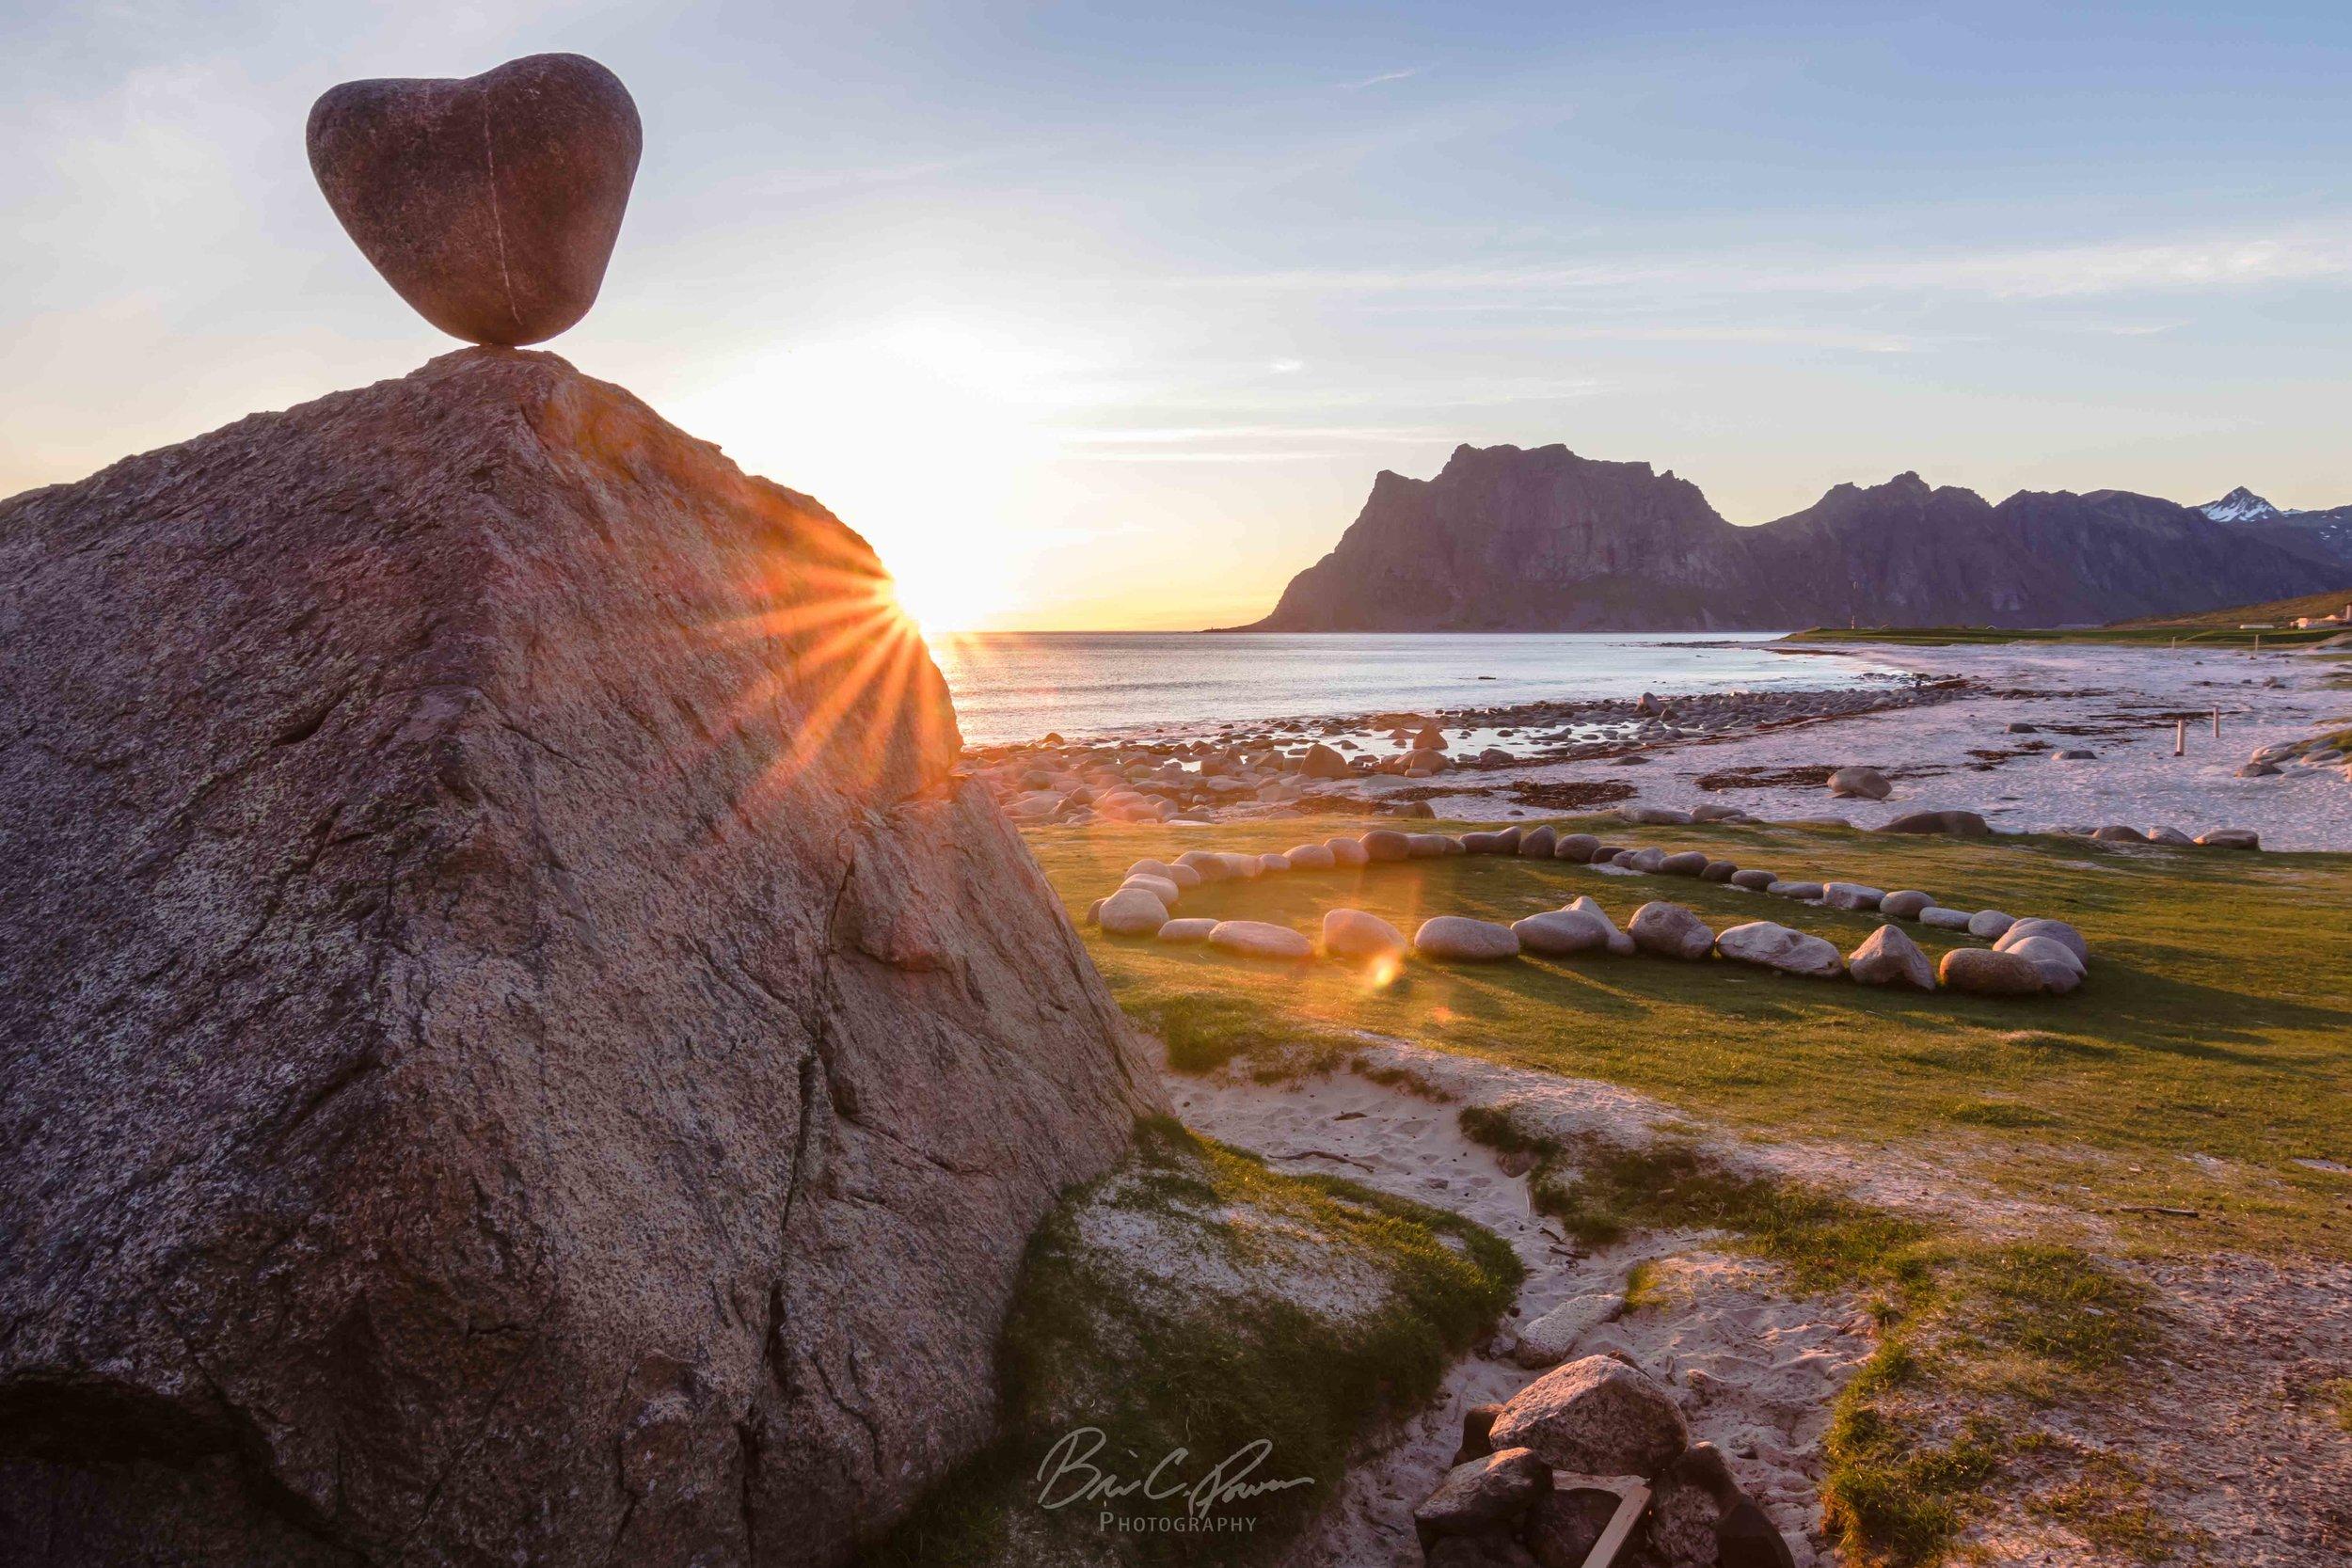 Heart shaped rock on beach in Lofoten Islands Norway